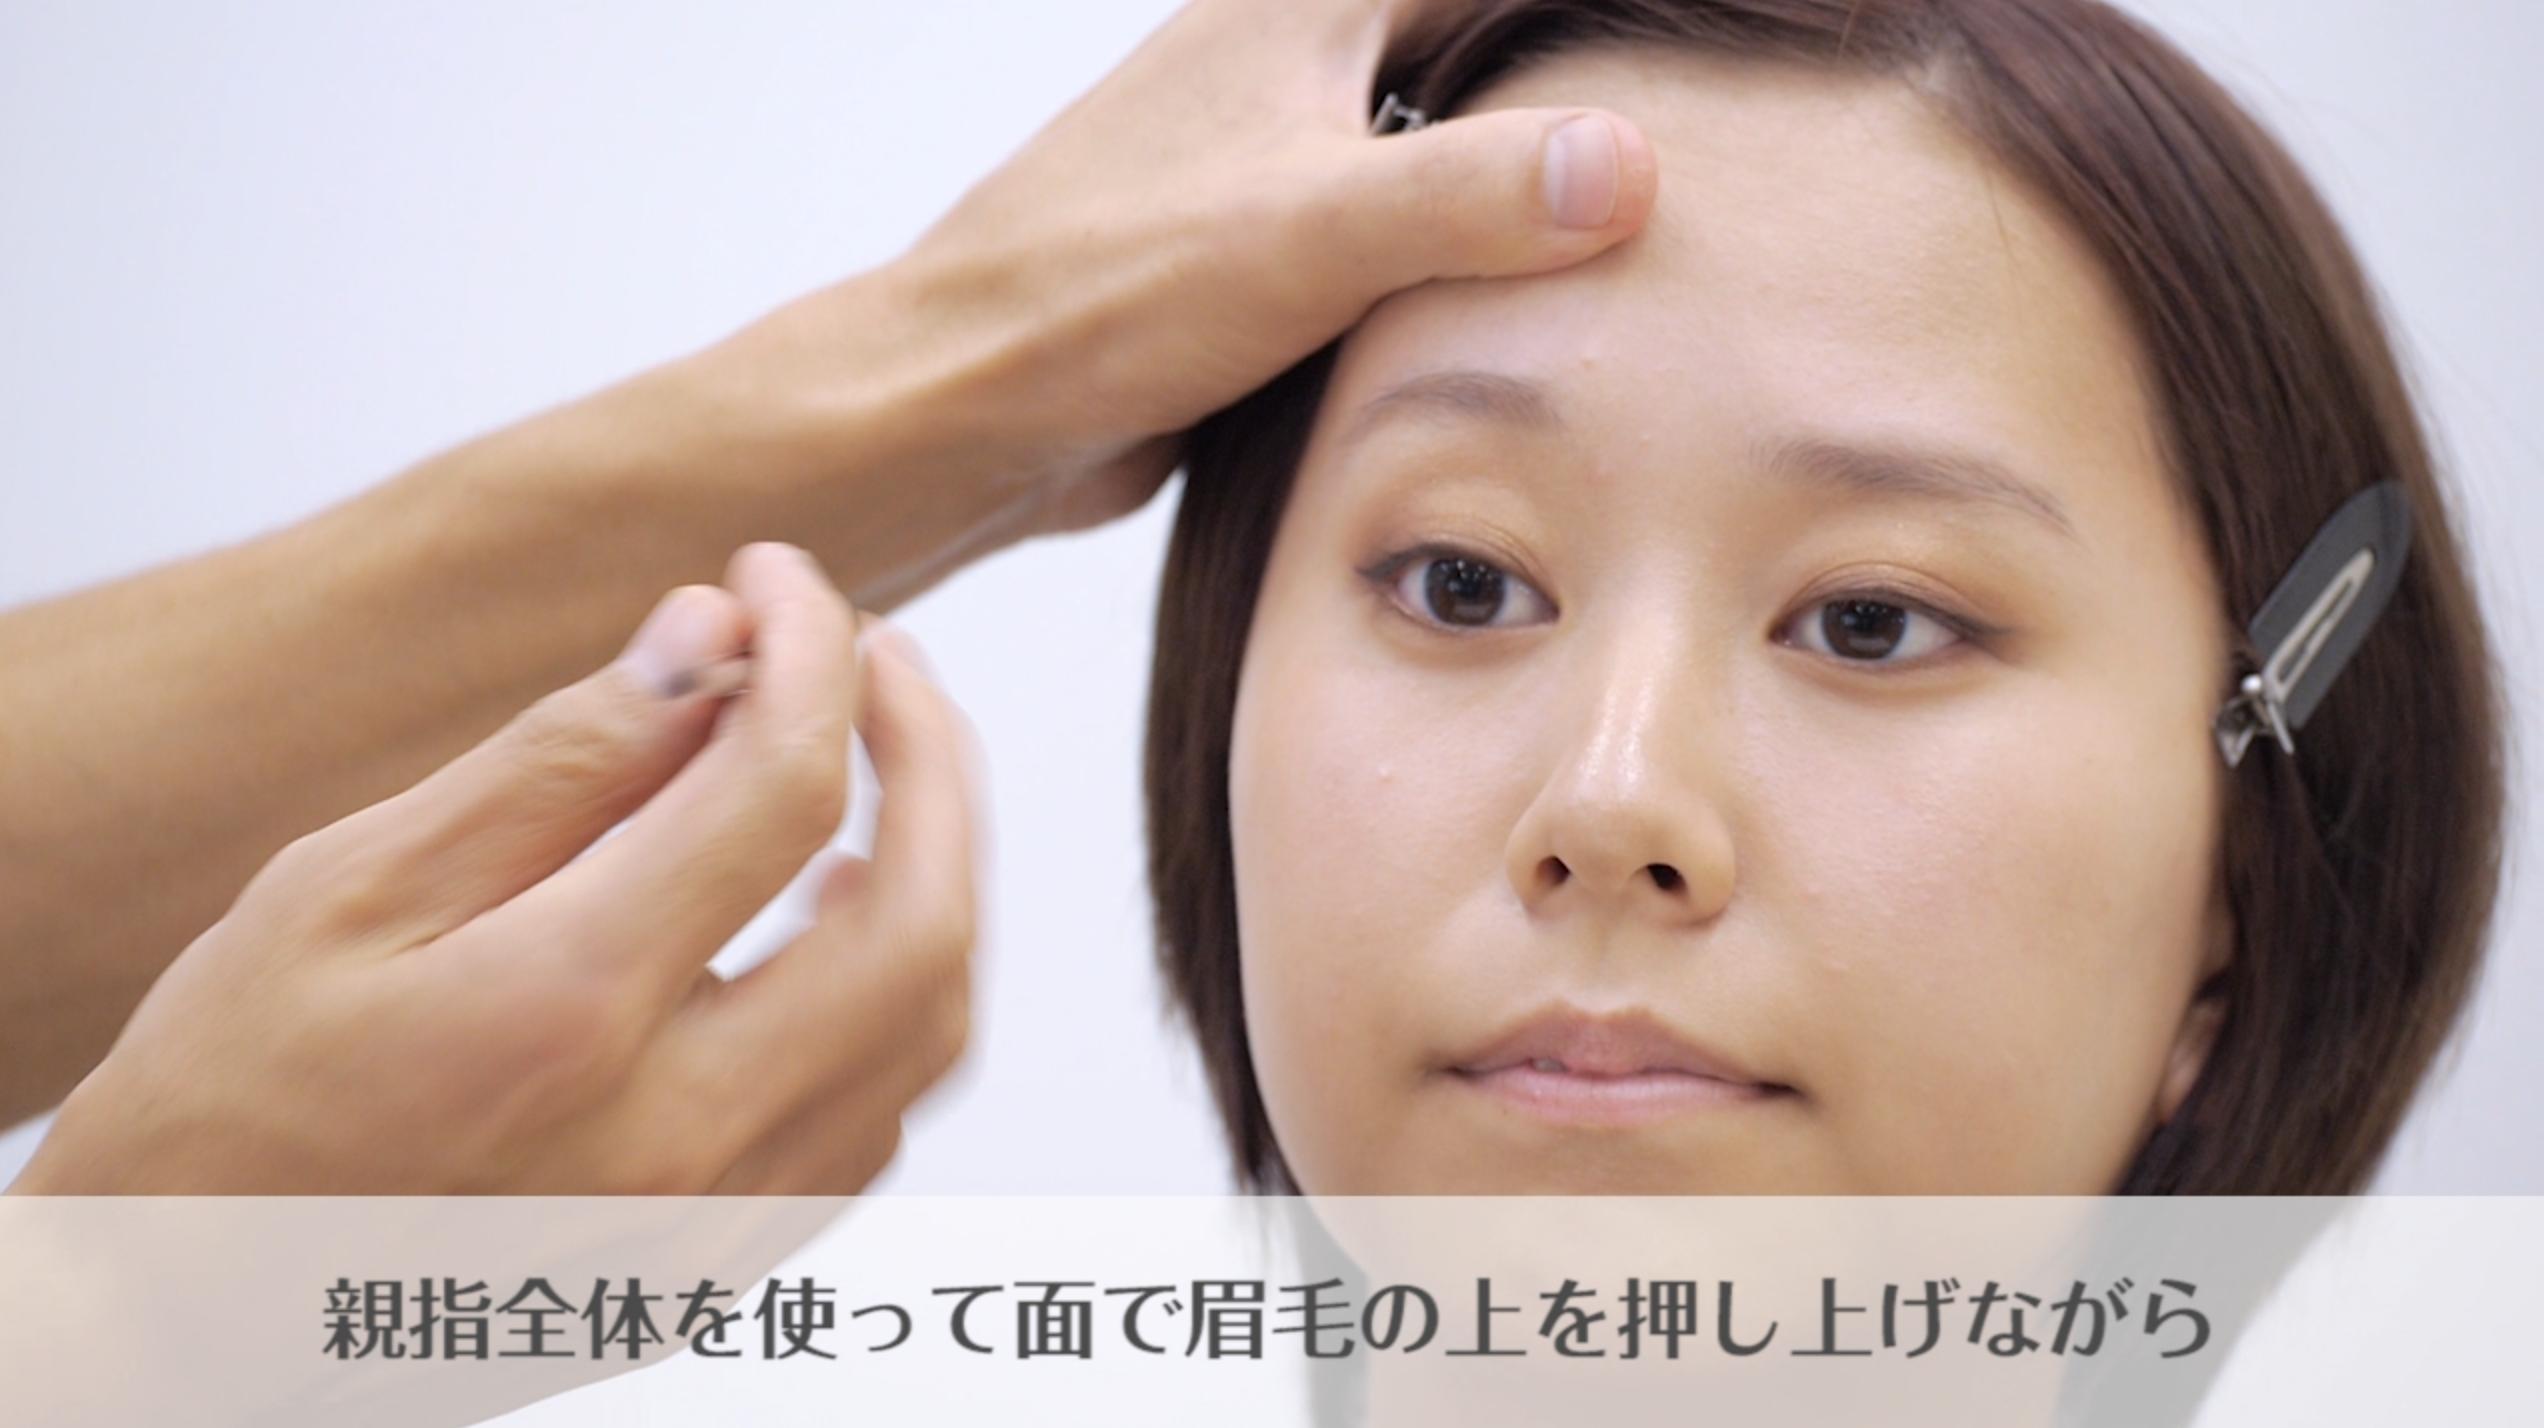 親指全体を使って面で眉毛の上を押し上げながら